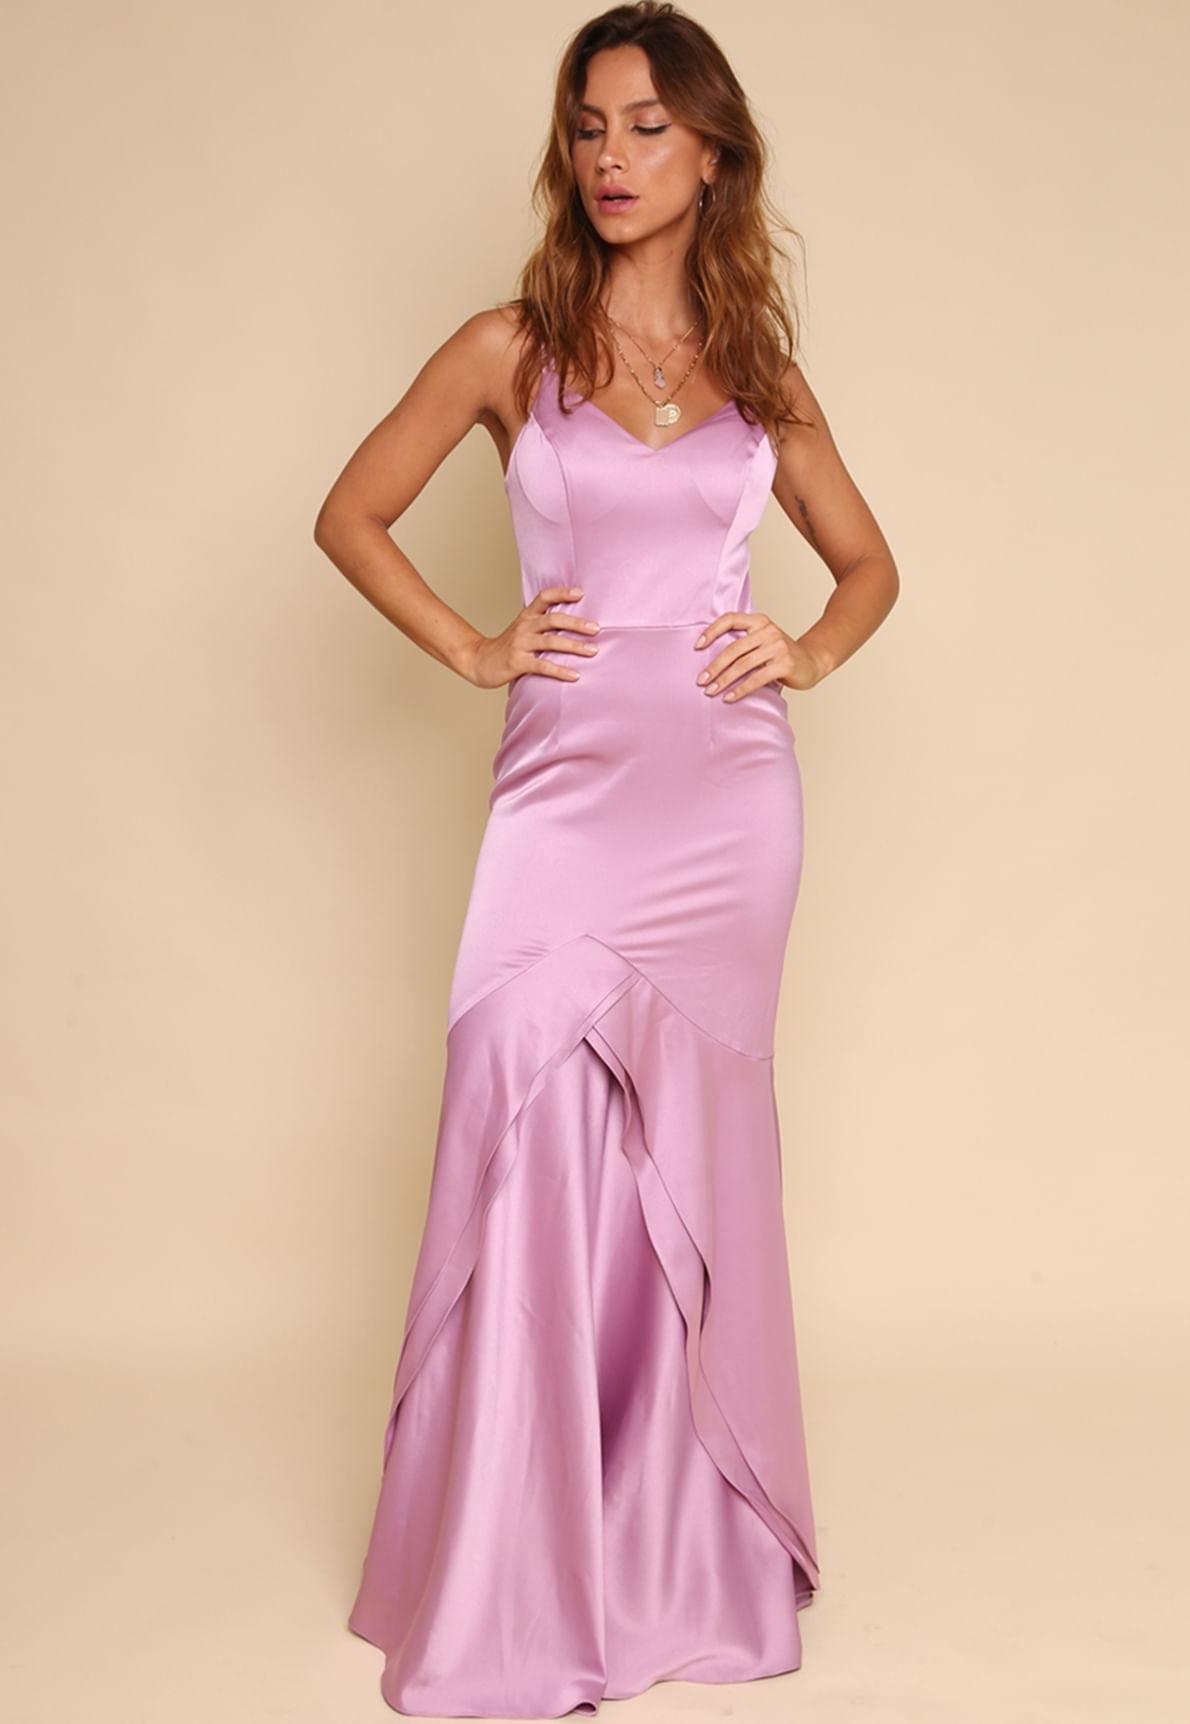 23233-vestido-longo-lilas-katy-02